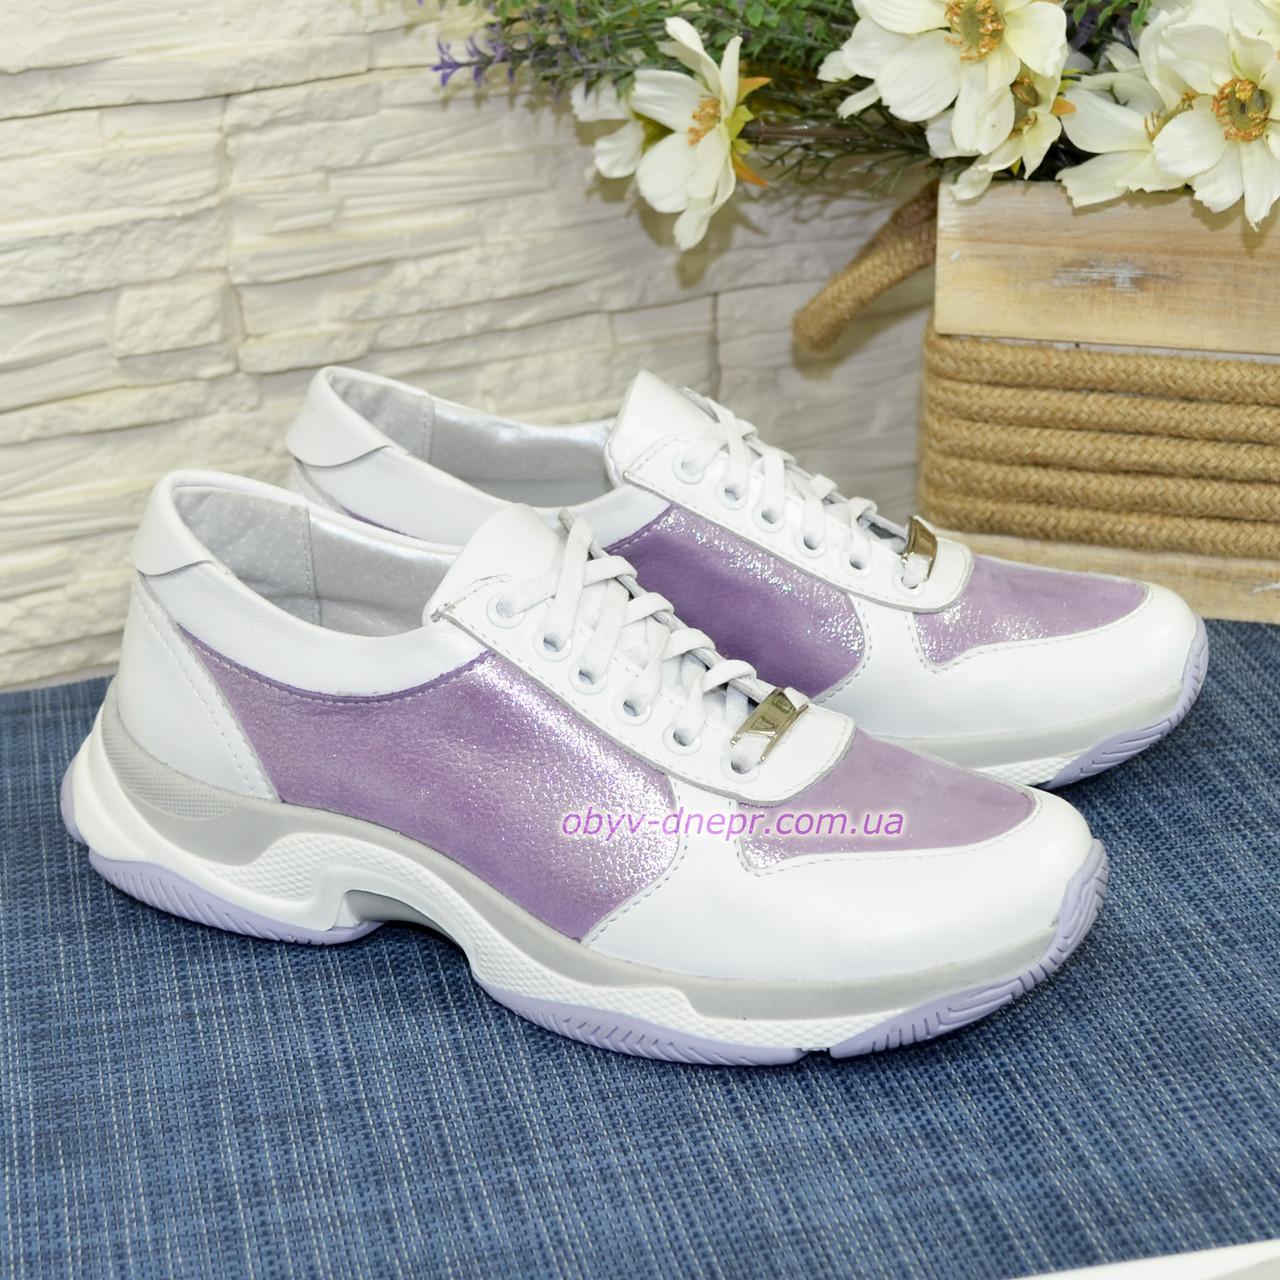 Стильні жіночі шкіряні кросівки на шнурівці, колір білий/лаванда